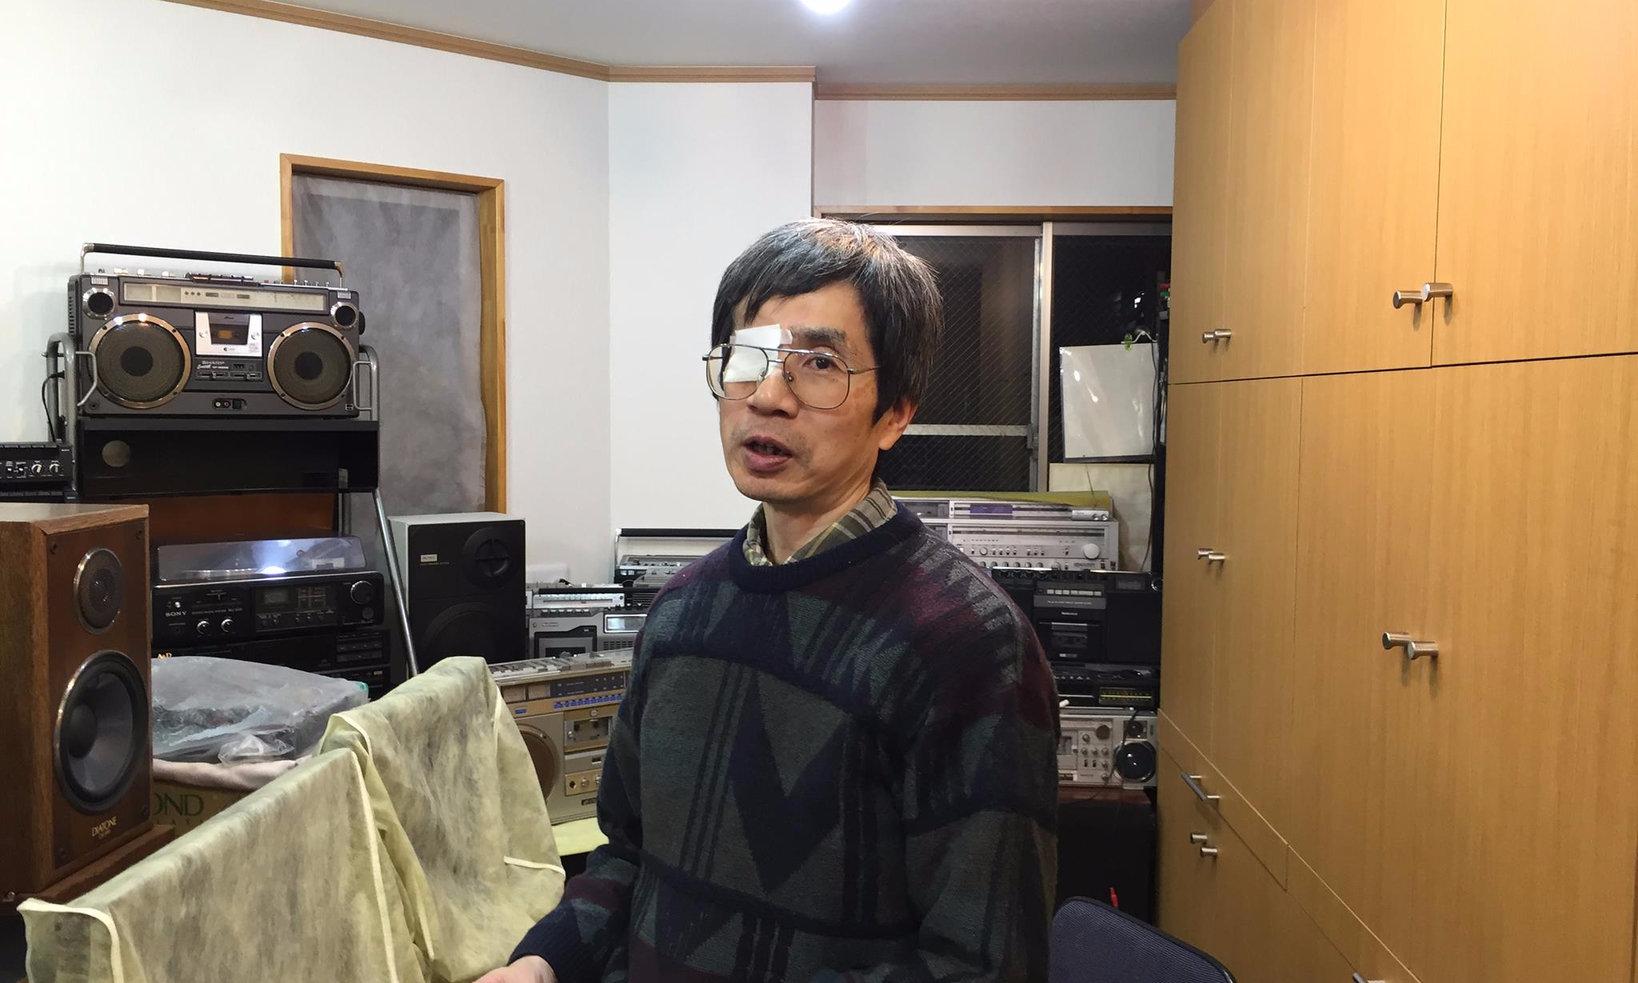 館長の中村さん。とても丁寧に説明をしてくれました。